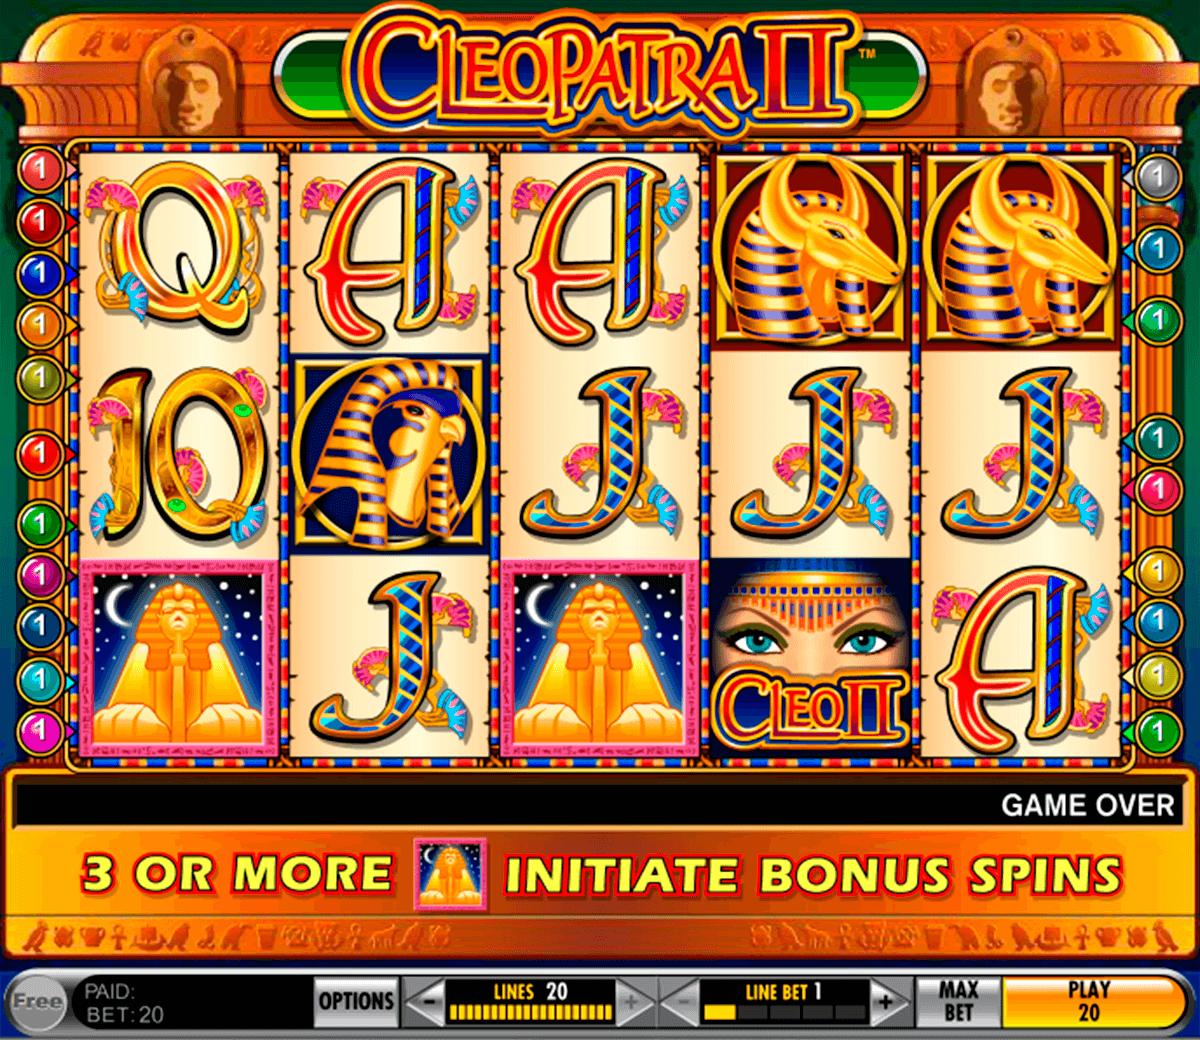 Juegos de casino gratis cleopatra bonos de NetoPlay-280160